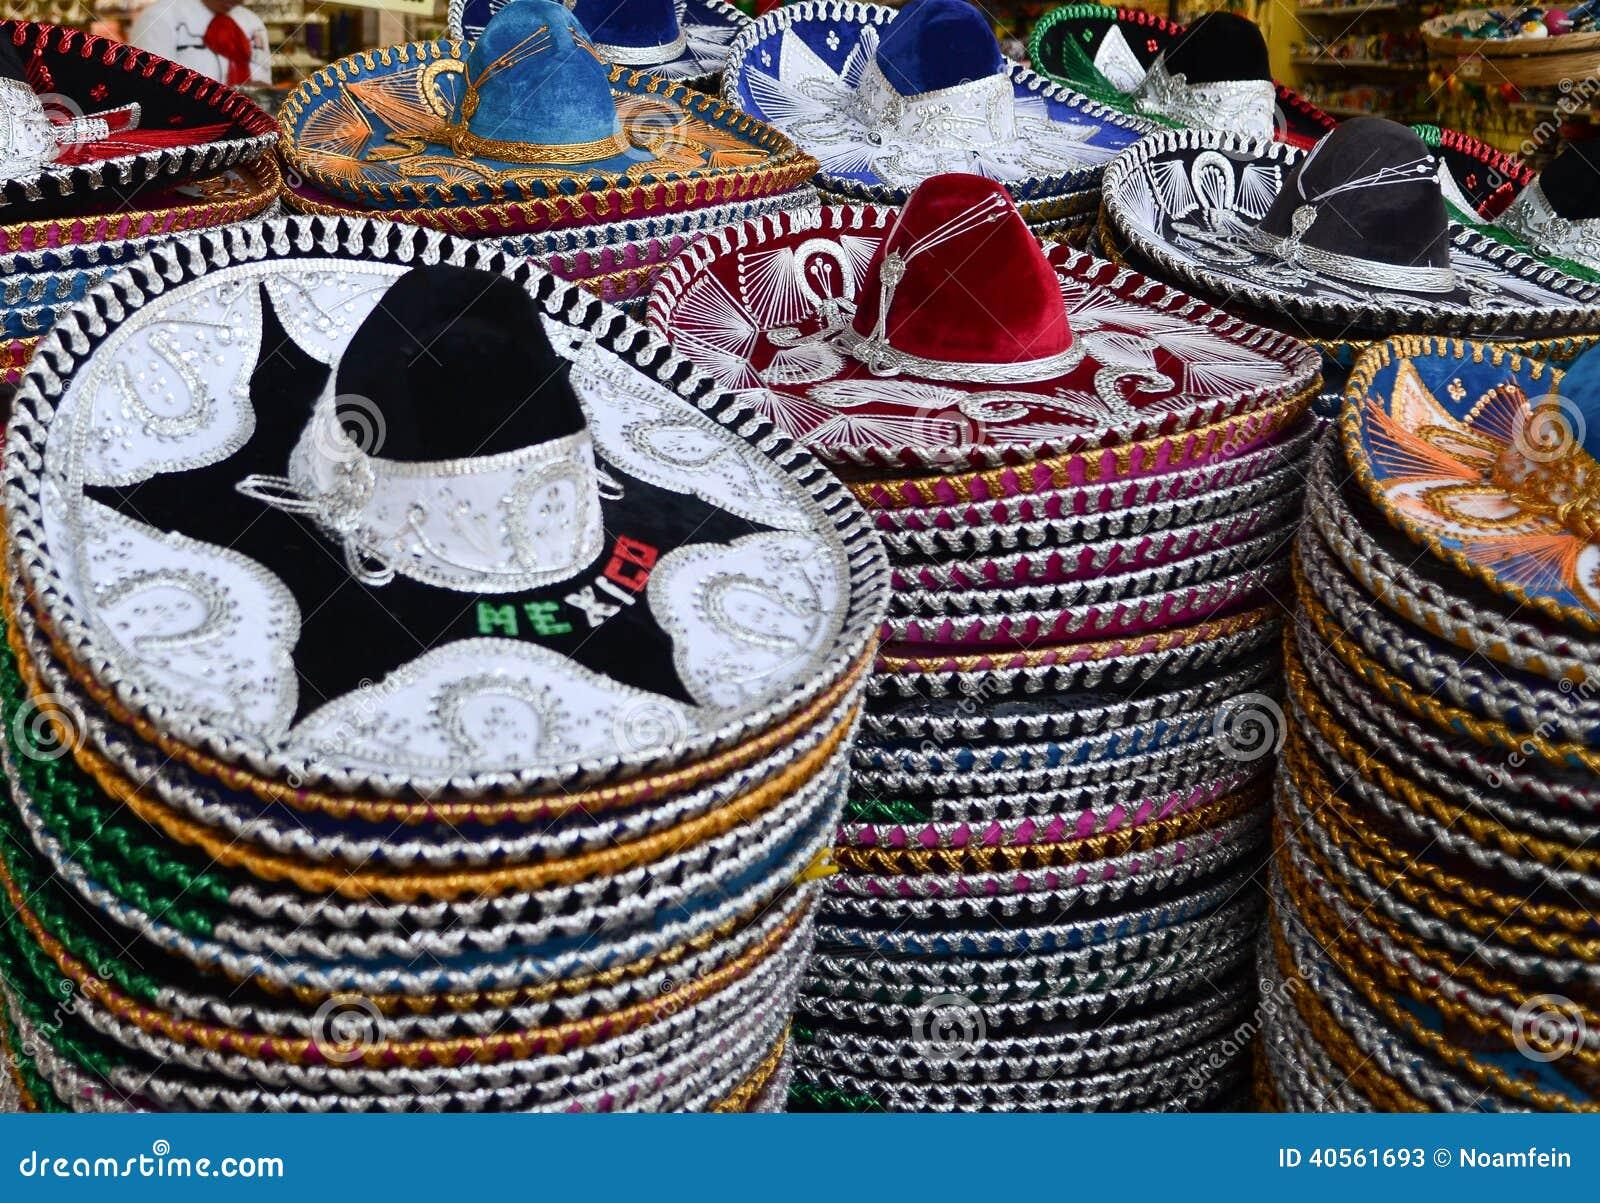 Sombreros mexicanos en tienda de regalos